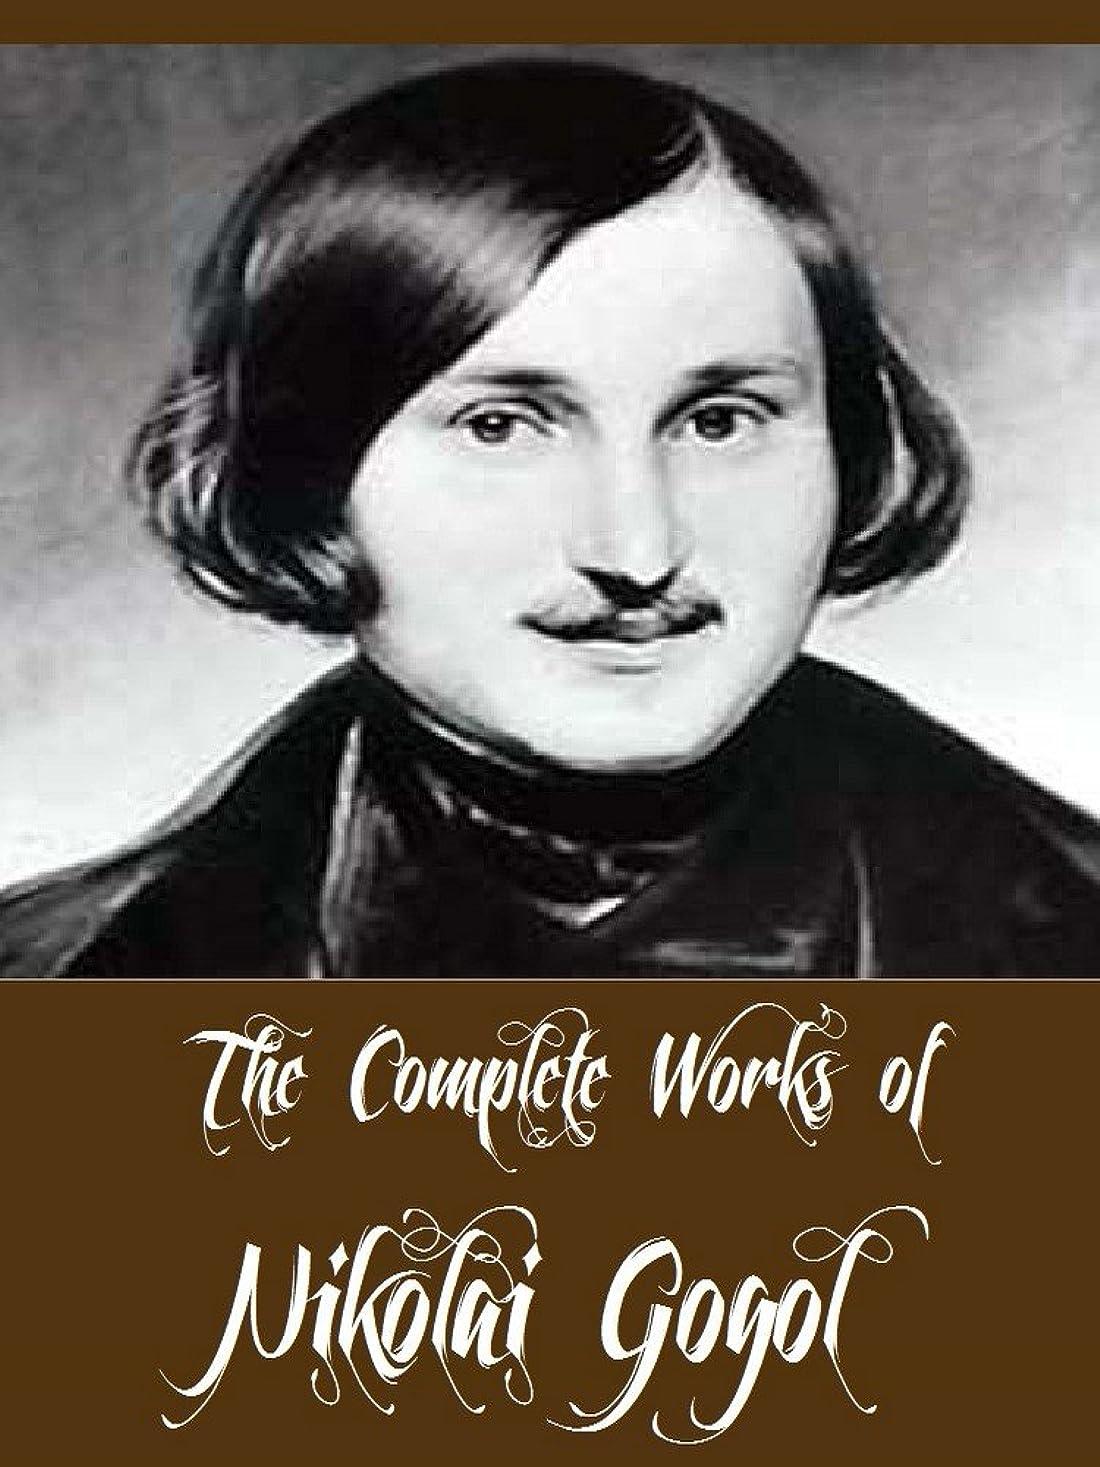 ゆでる蜜滑りやすいThe Complete Works of Nikolai Gogol (13 Complete Works of Nikolai Gogol Including Dead Souls, Taras Bulba, The Cloak, The Mantle, The Nose, The Mysterious ... The Calash, & More) (English Edition)